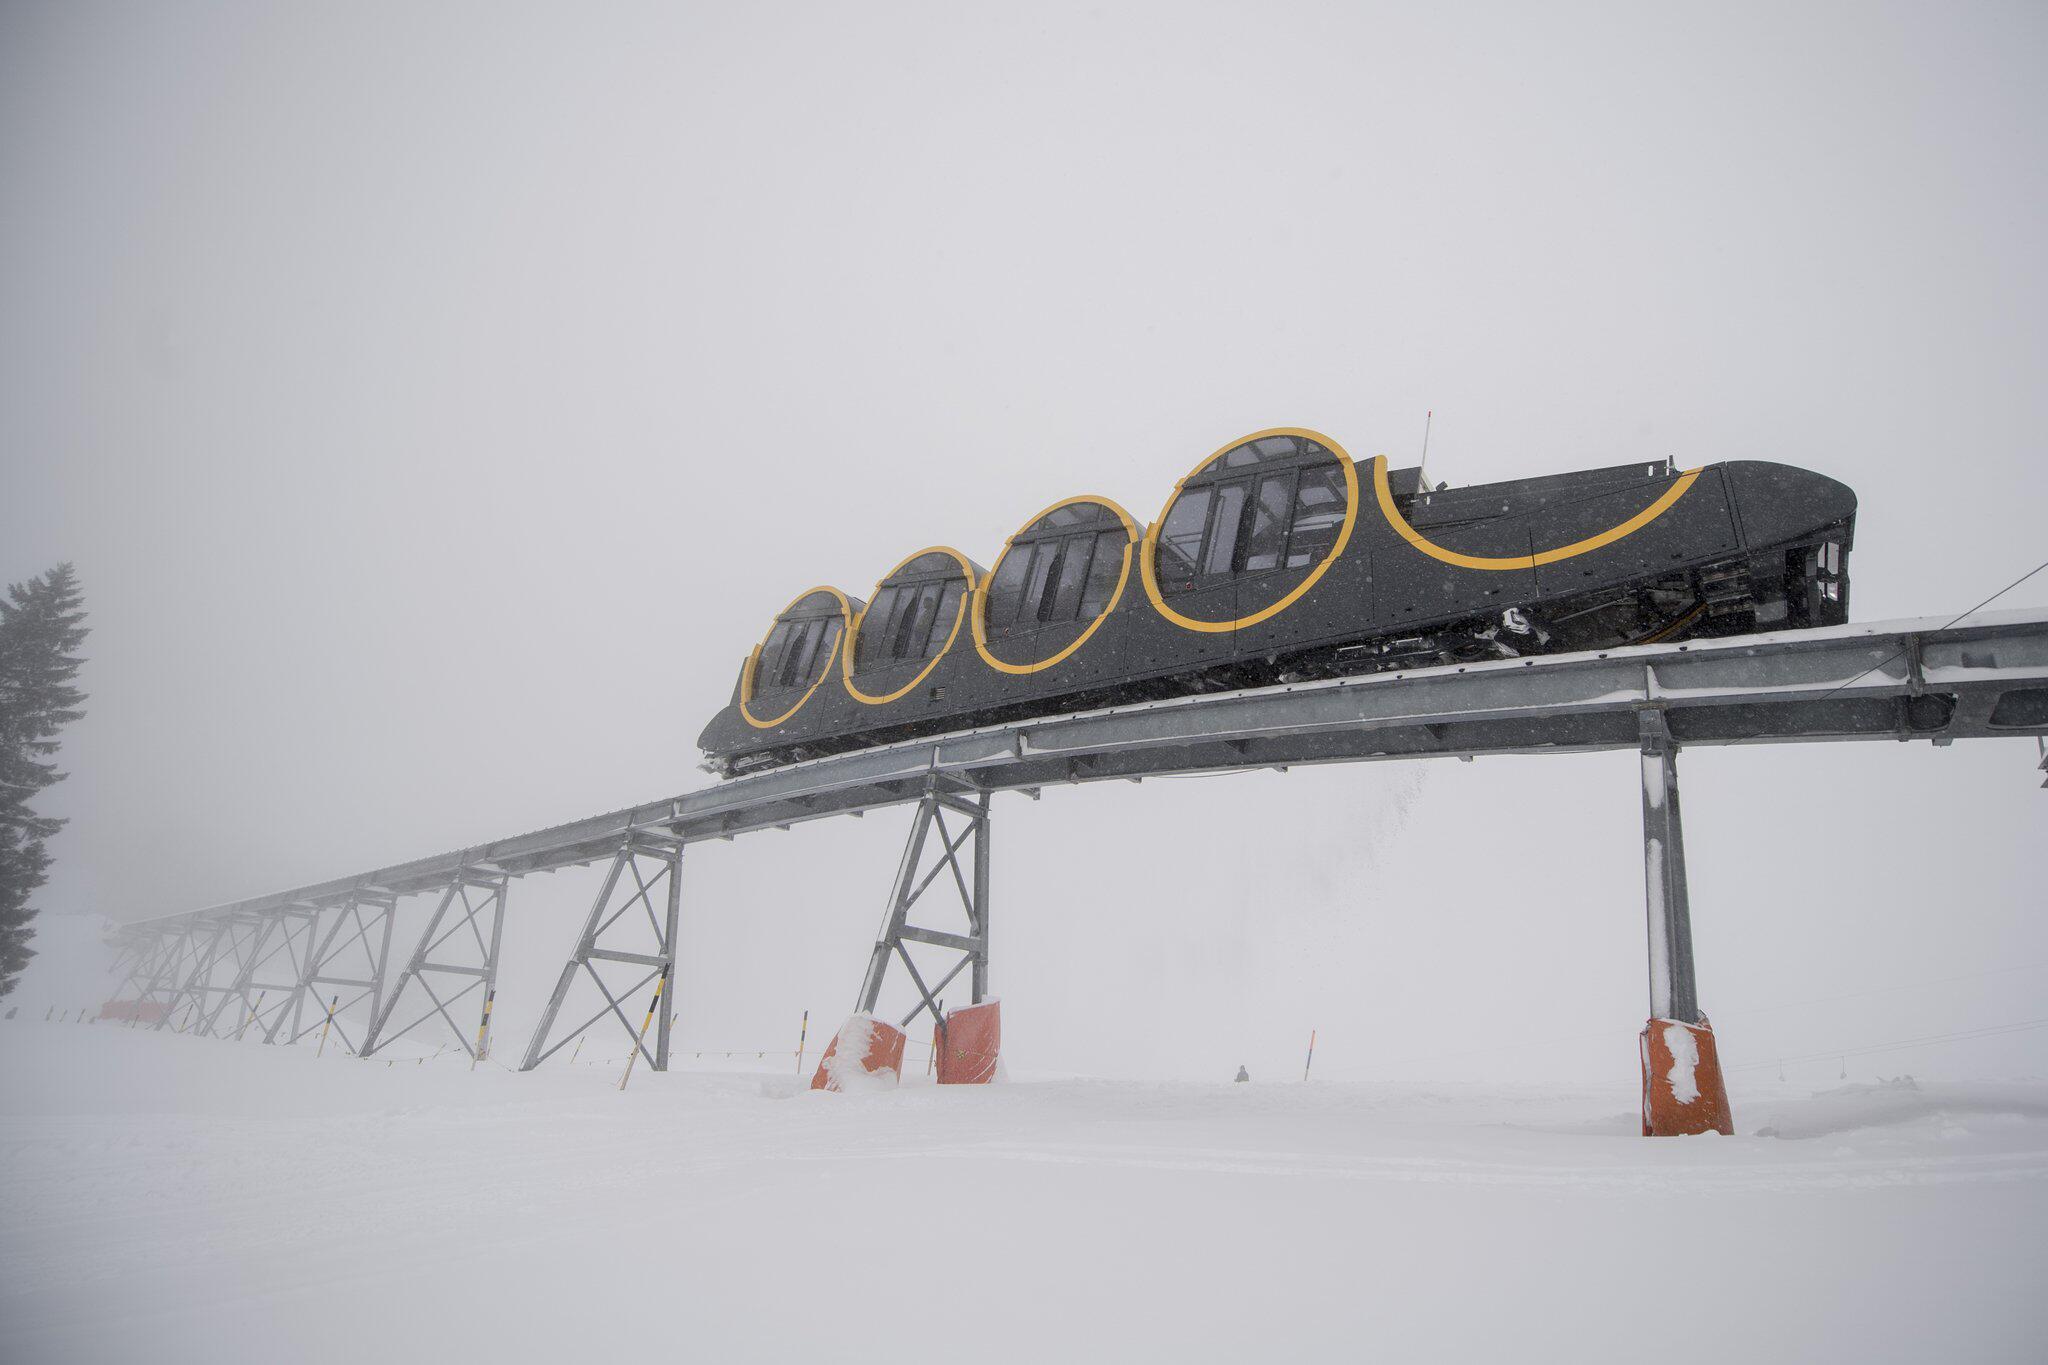 Bild zu Steilste Seilbahn der Welt in der Schweiz